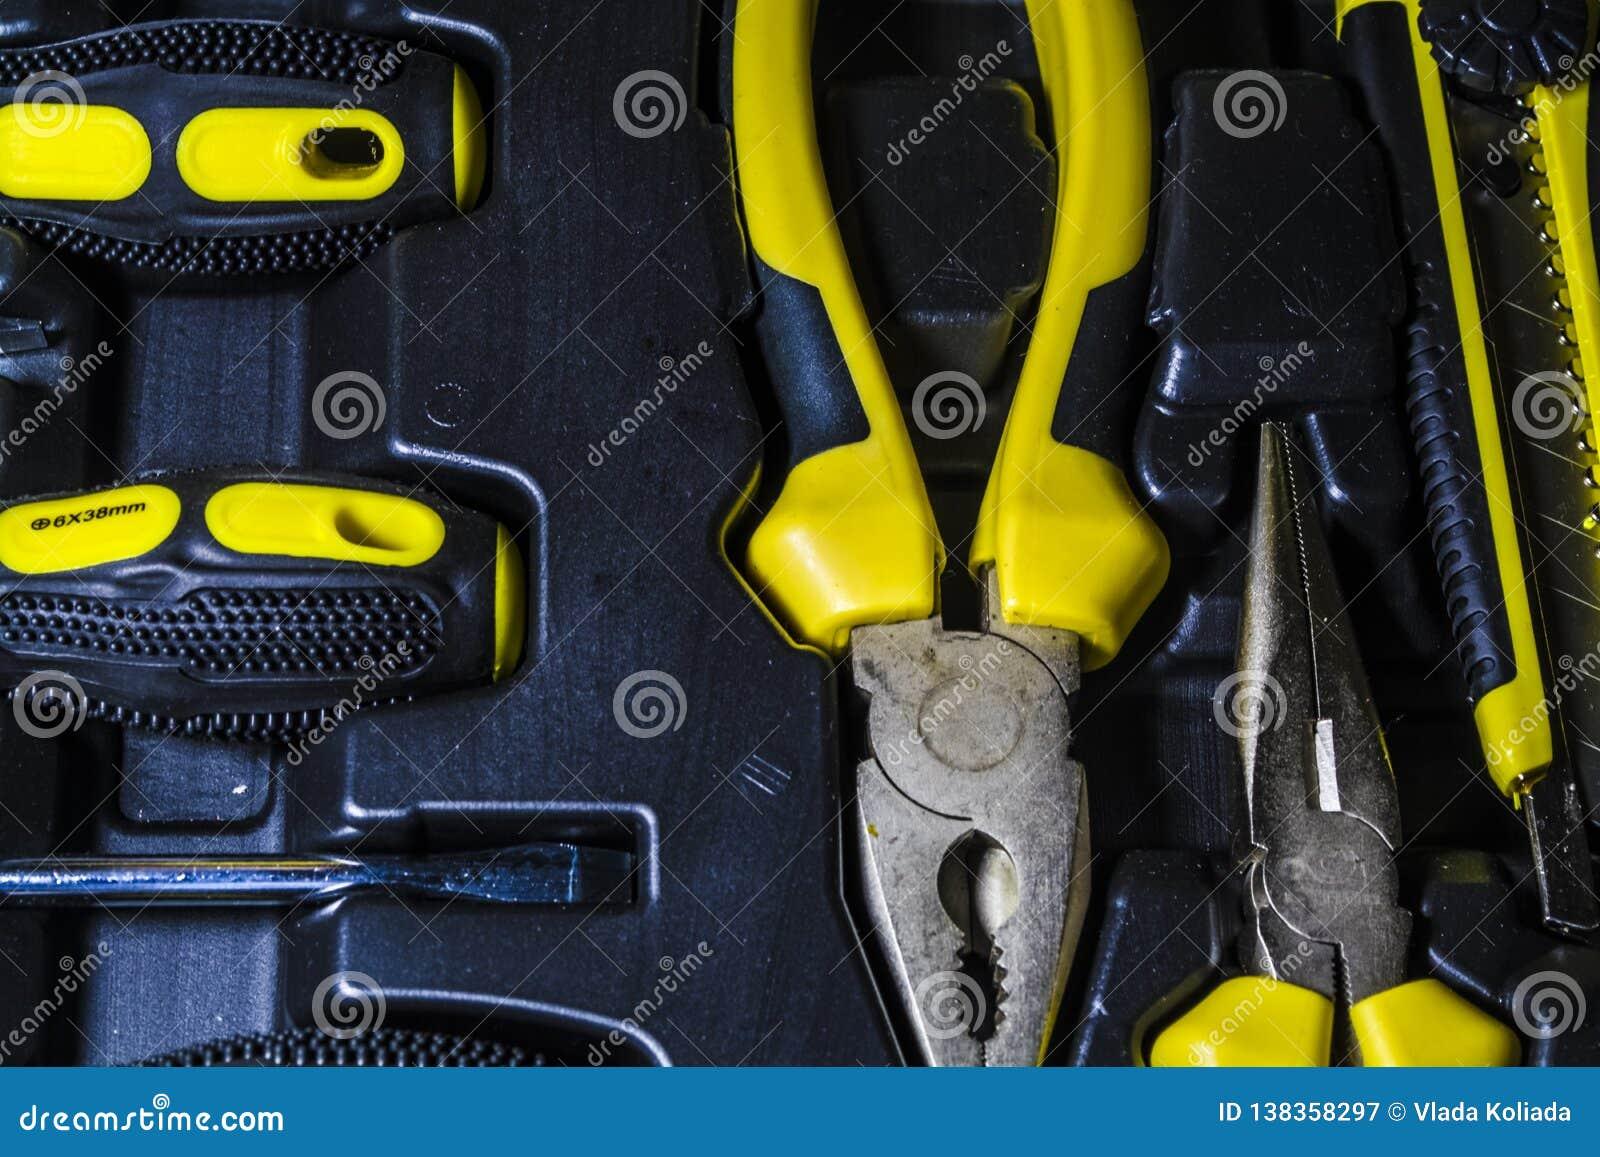 Grande trousse à outils de couleurs noires et jaunes pour la maison dans une boîte Pinces, tournevis, couteau de papeterie et pin